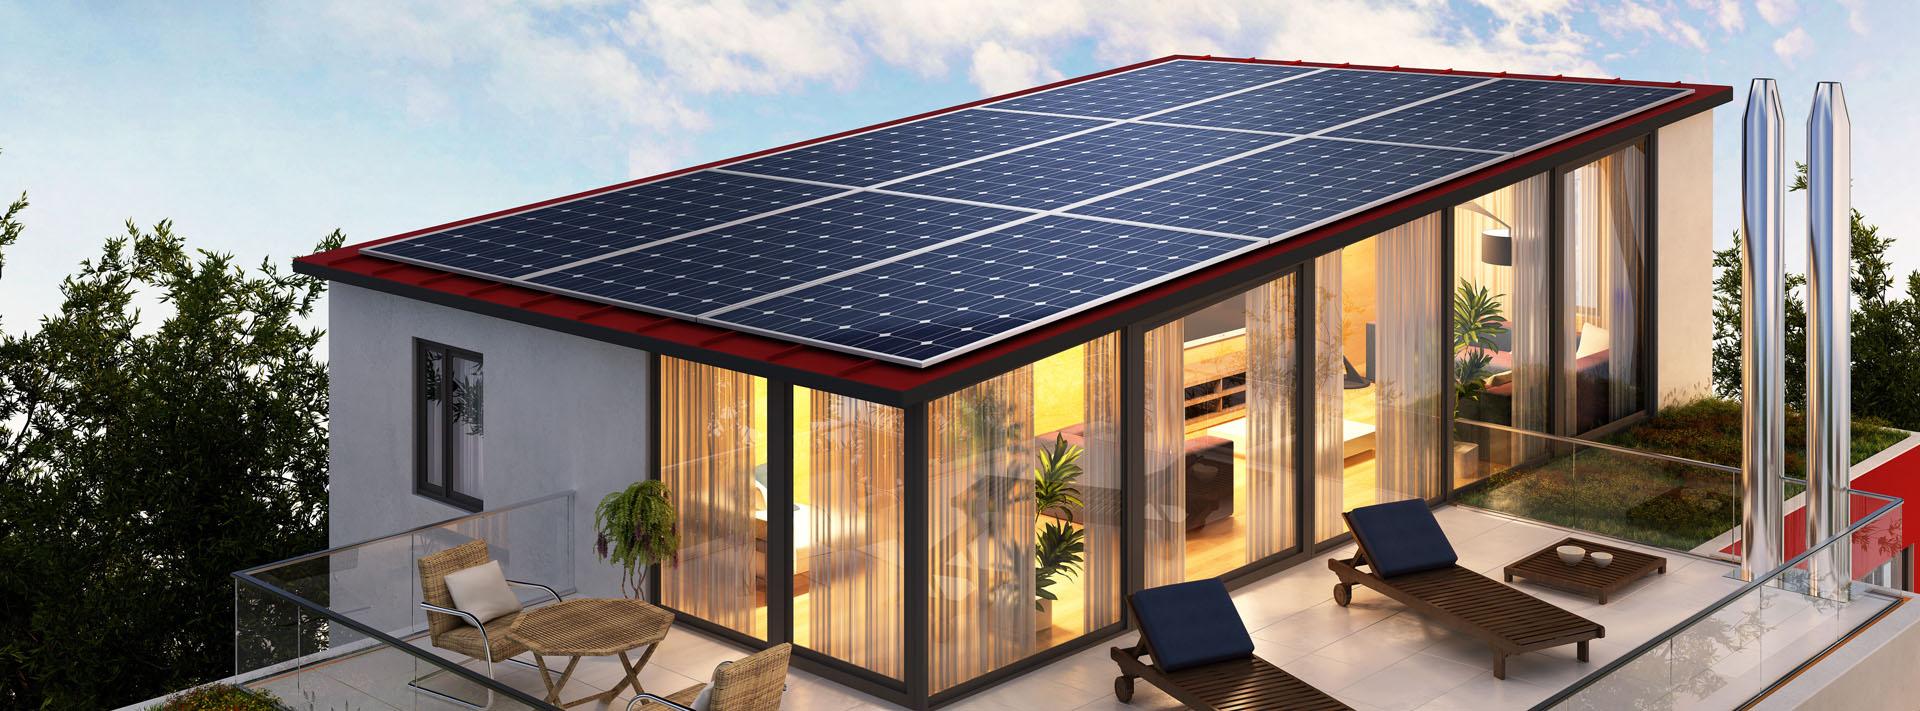 Photovoltaik zum Eigenverbrauch